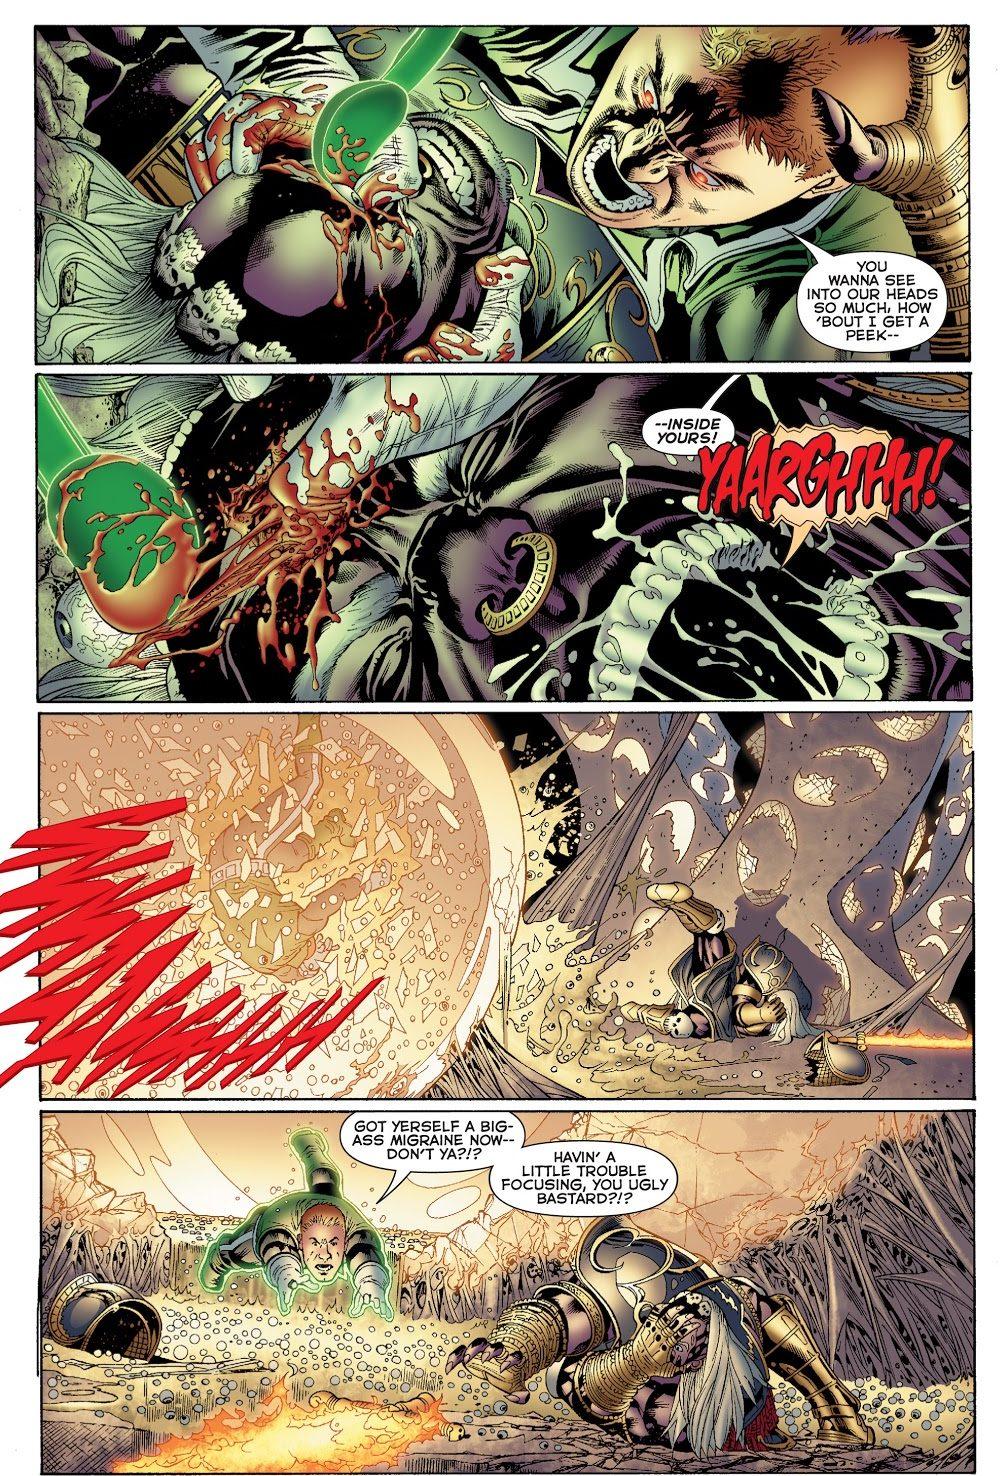 Green Lantern Guy Gardner Plucks Zardor's Eye